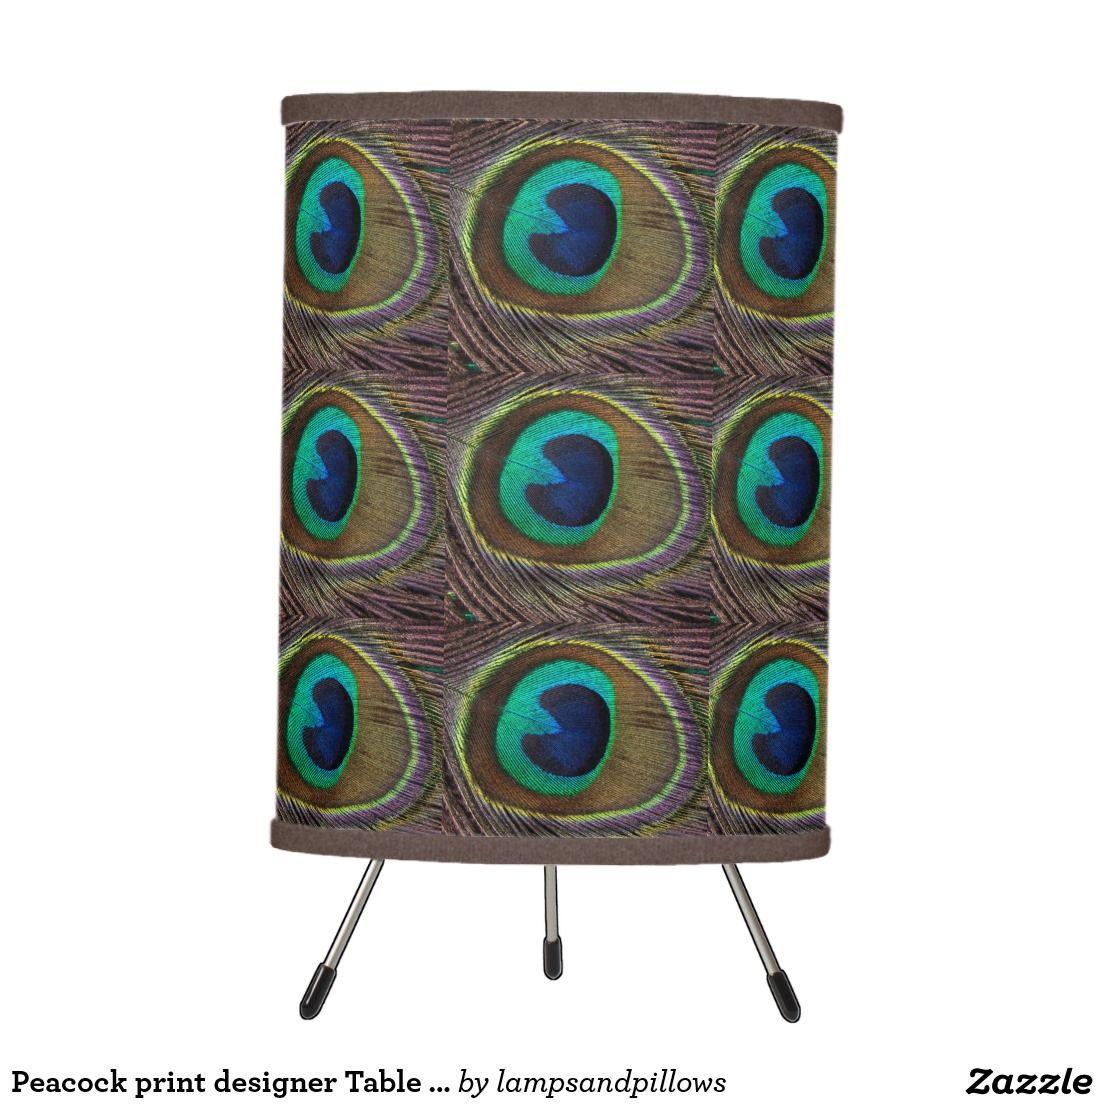 20% OFF Boho Home Lamps. Feel Good Fashion & Living® by Marijke Verkerk Design www.marijkeverkerkdesign.nl